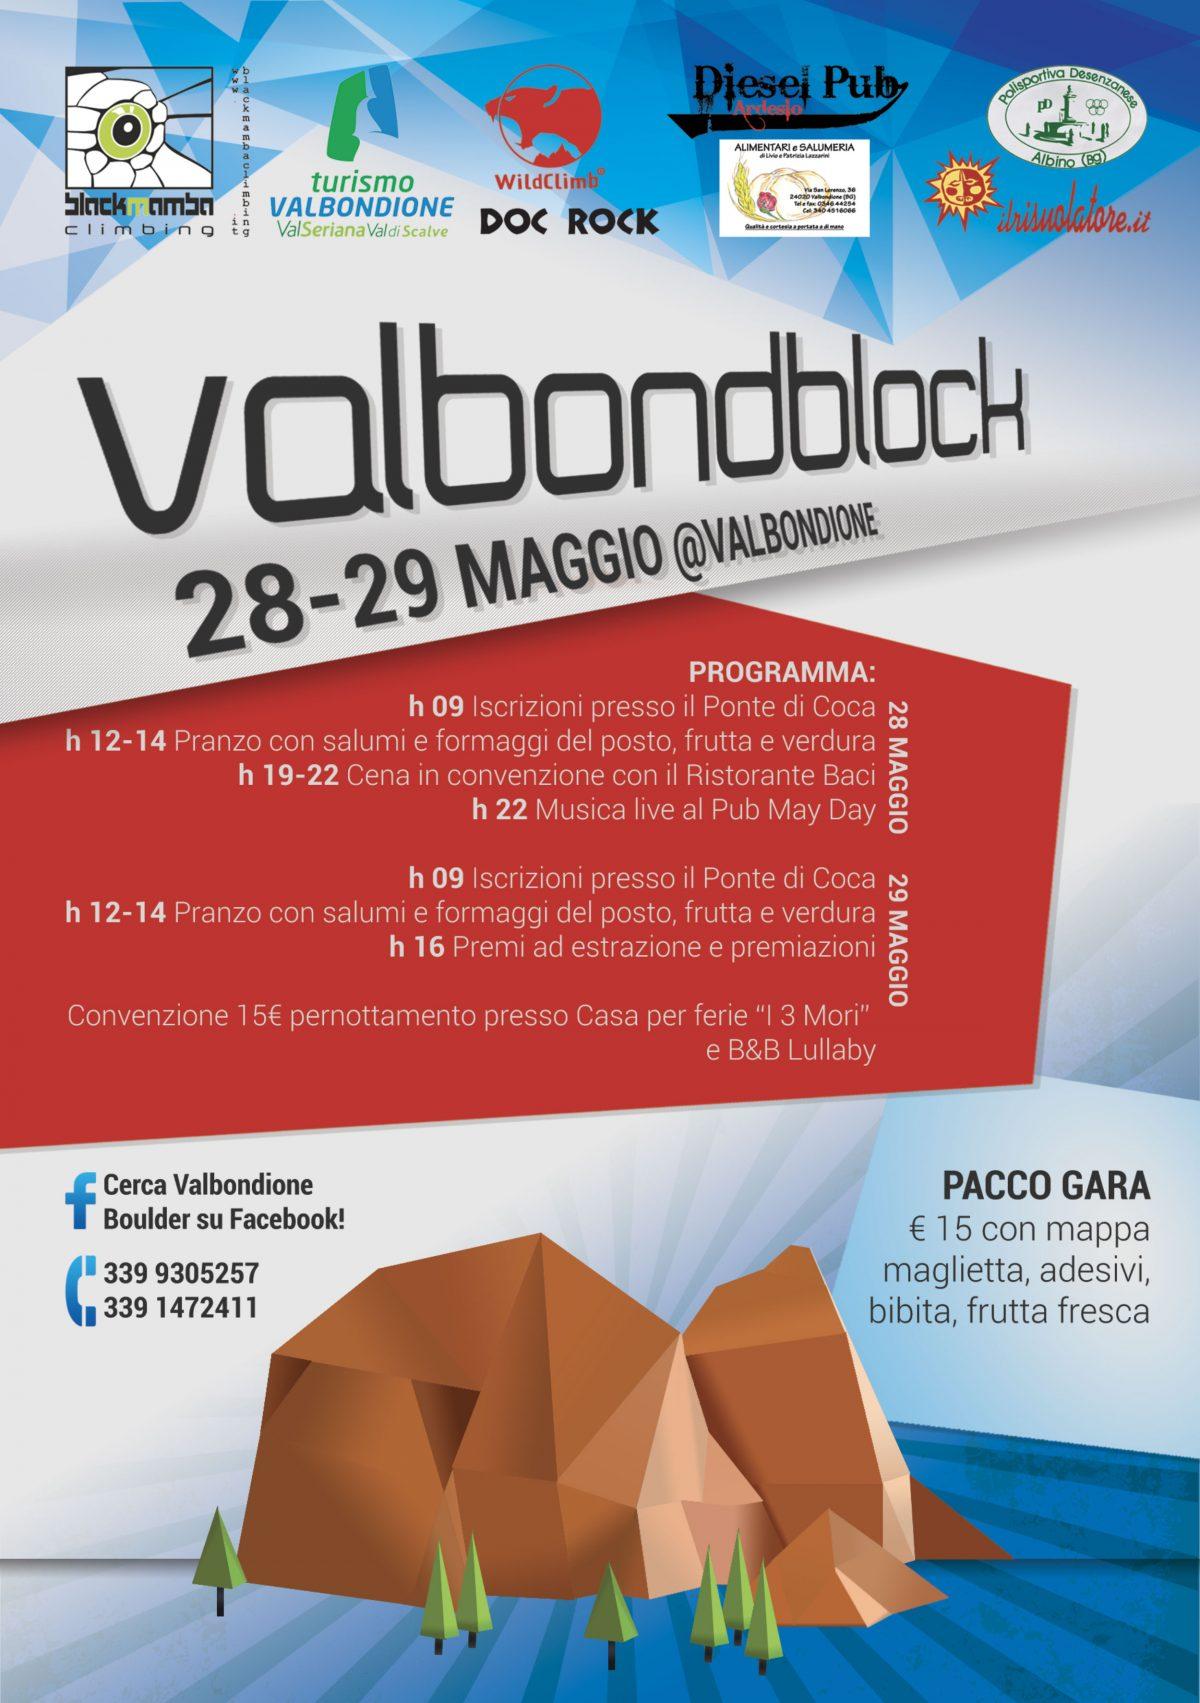 Volantino Valbondblock in collaborazione con Black Mamba Climbing